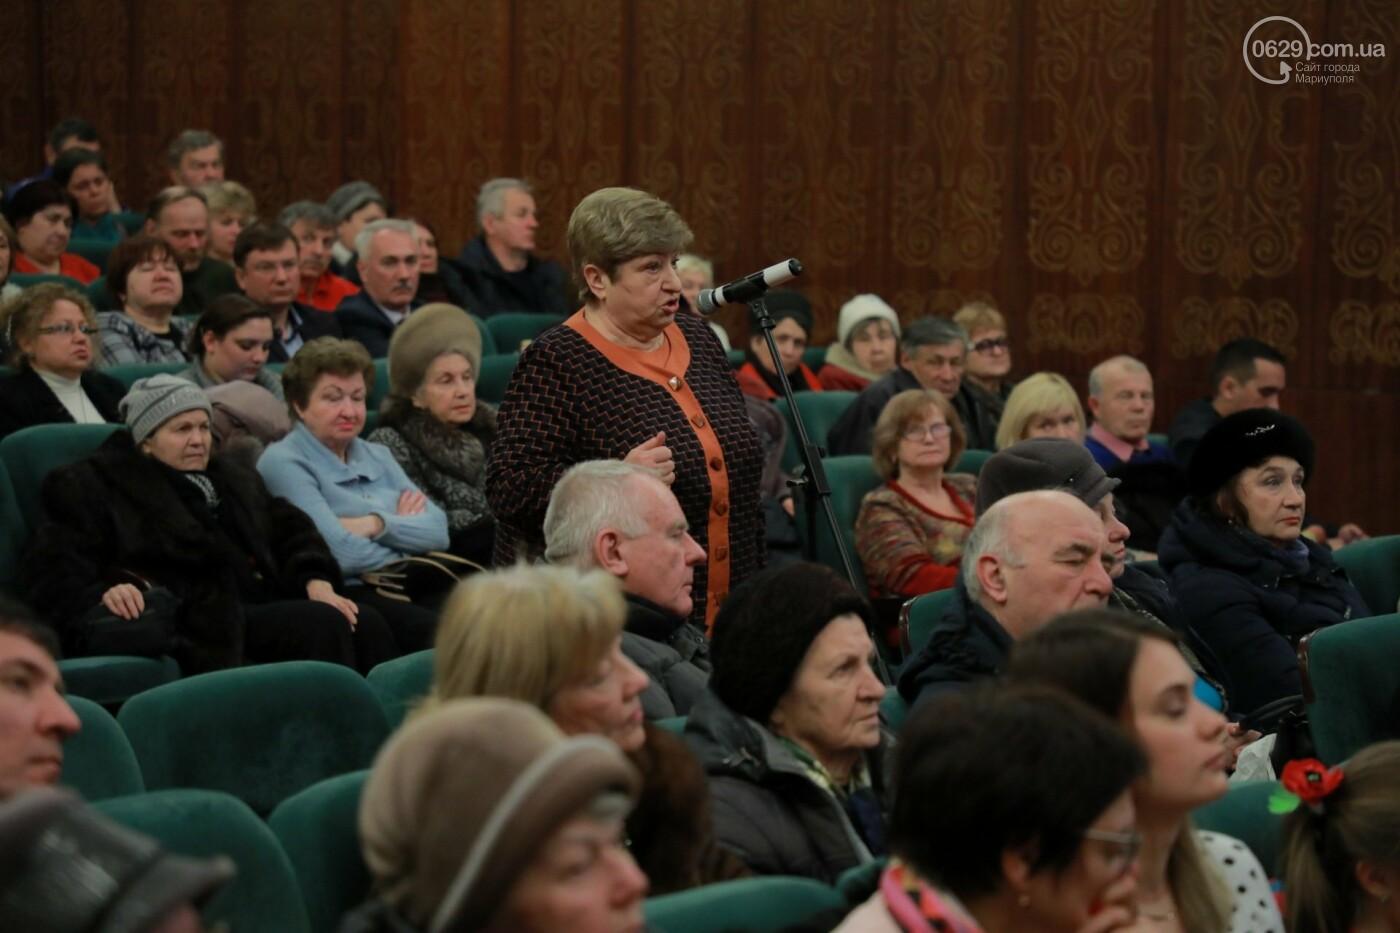 Кандидат в президенты Сергей Тарута начал свою официальную кампанию с визита в Мариуполь , фото-4